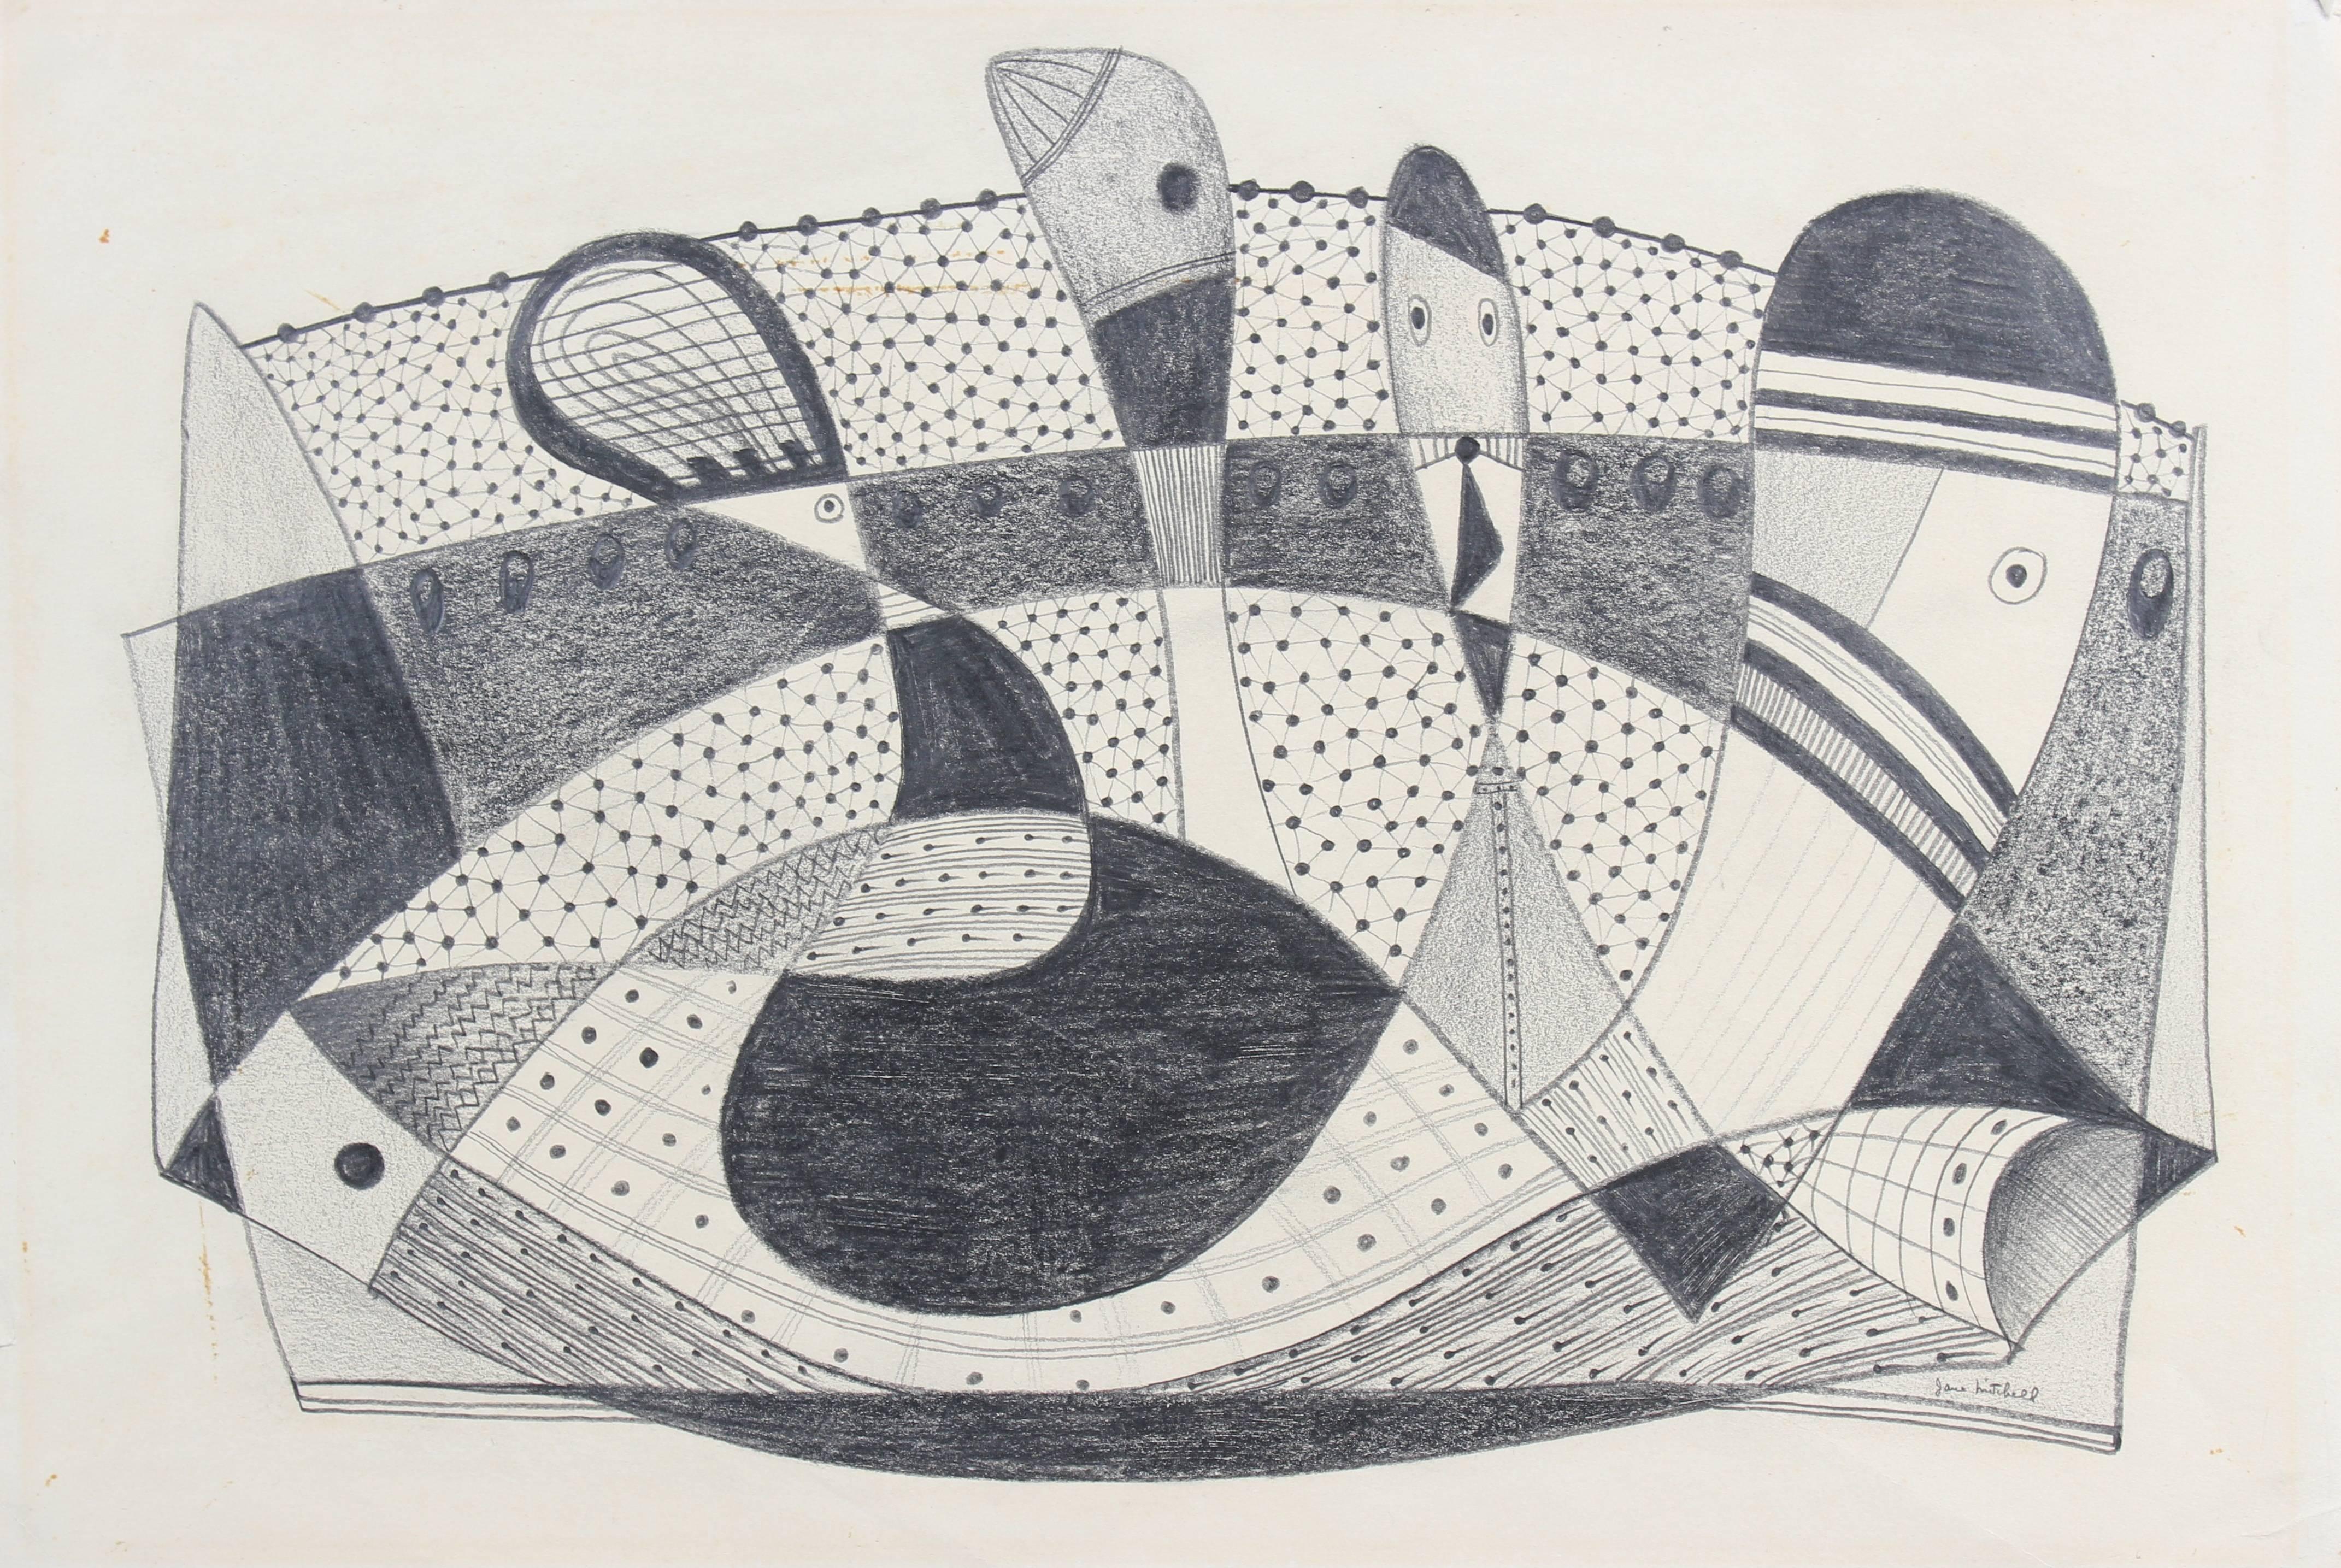 Cubist Figurative Abstract in Graphite, Circa 1970s